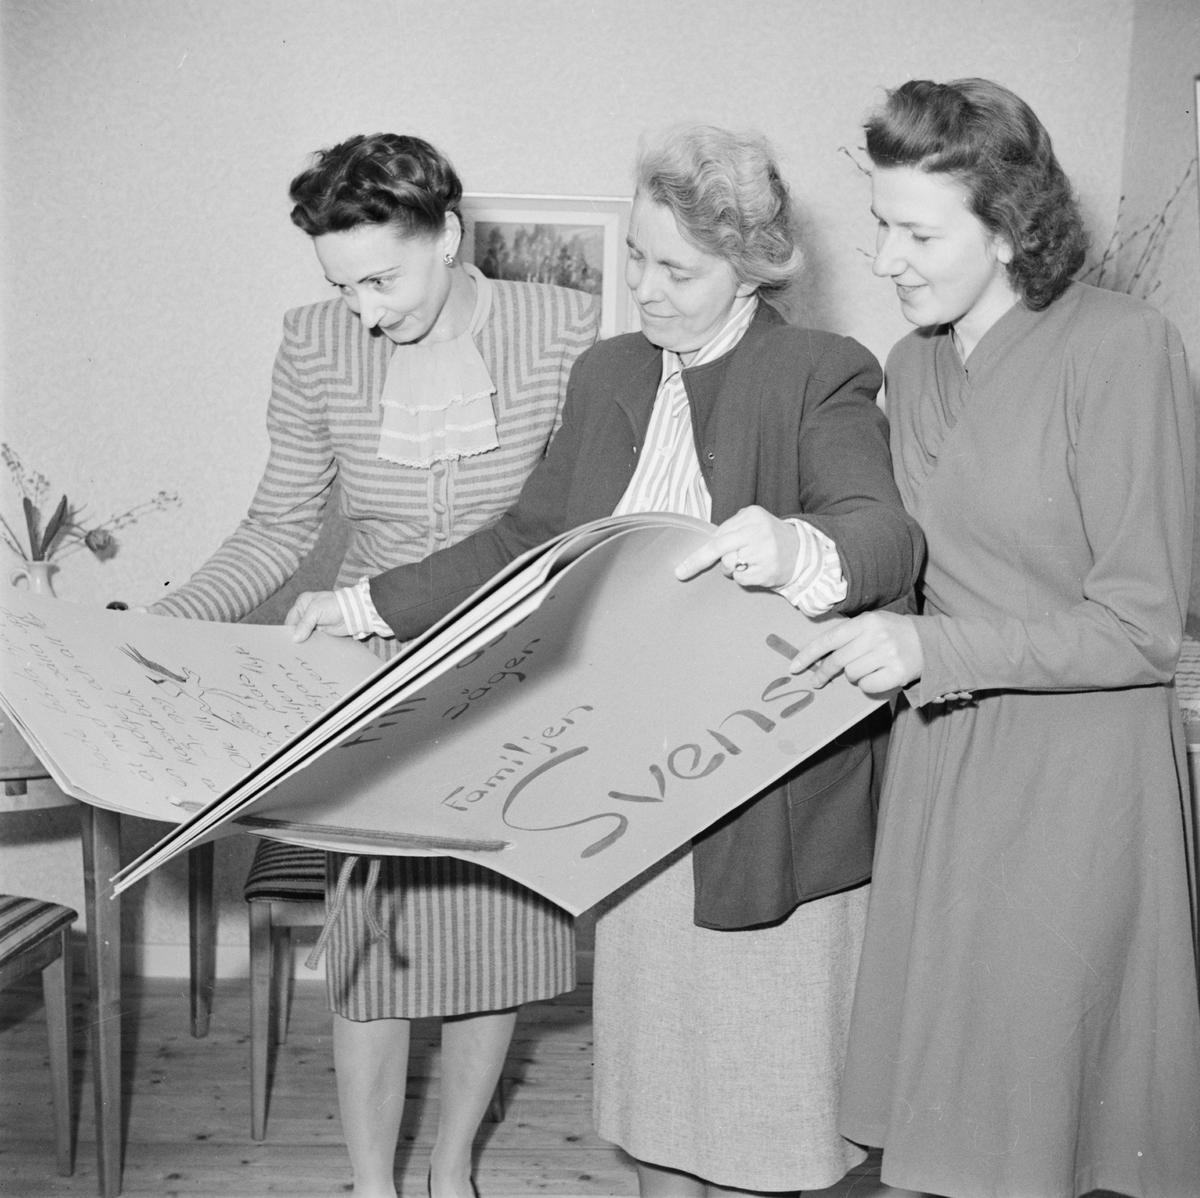 M Andersson, Hedvig Palmgren och E Eikeenfelt med utställningskatalog, heminredningsutställning på Gunstagatan, Uppsala april 1947